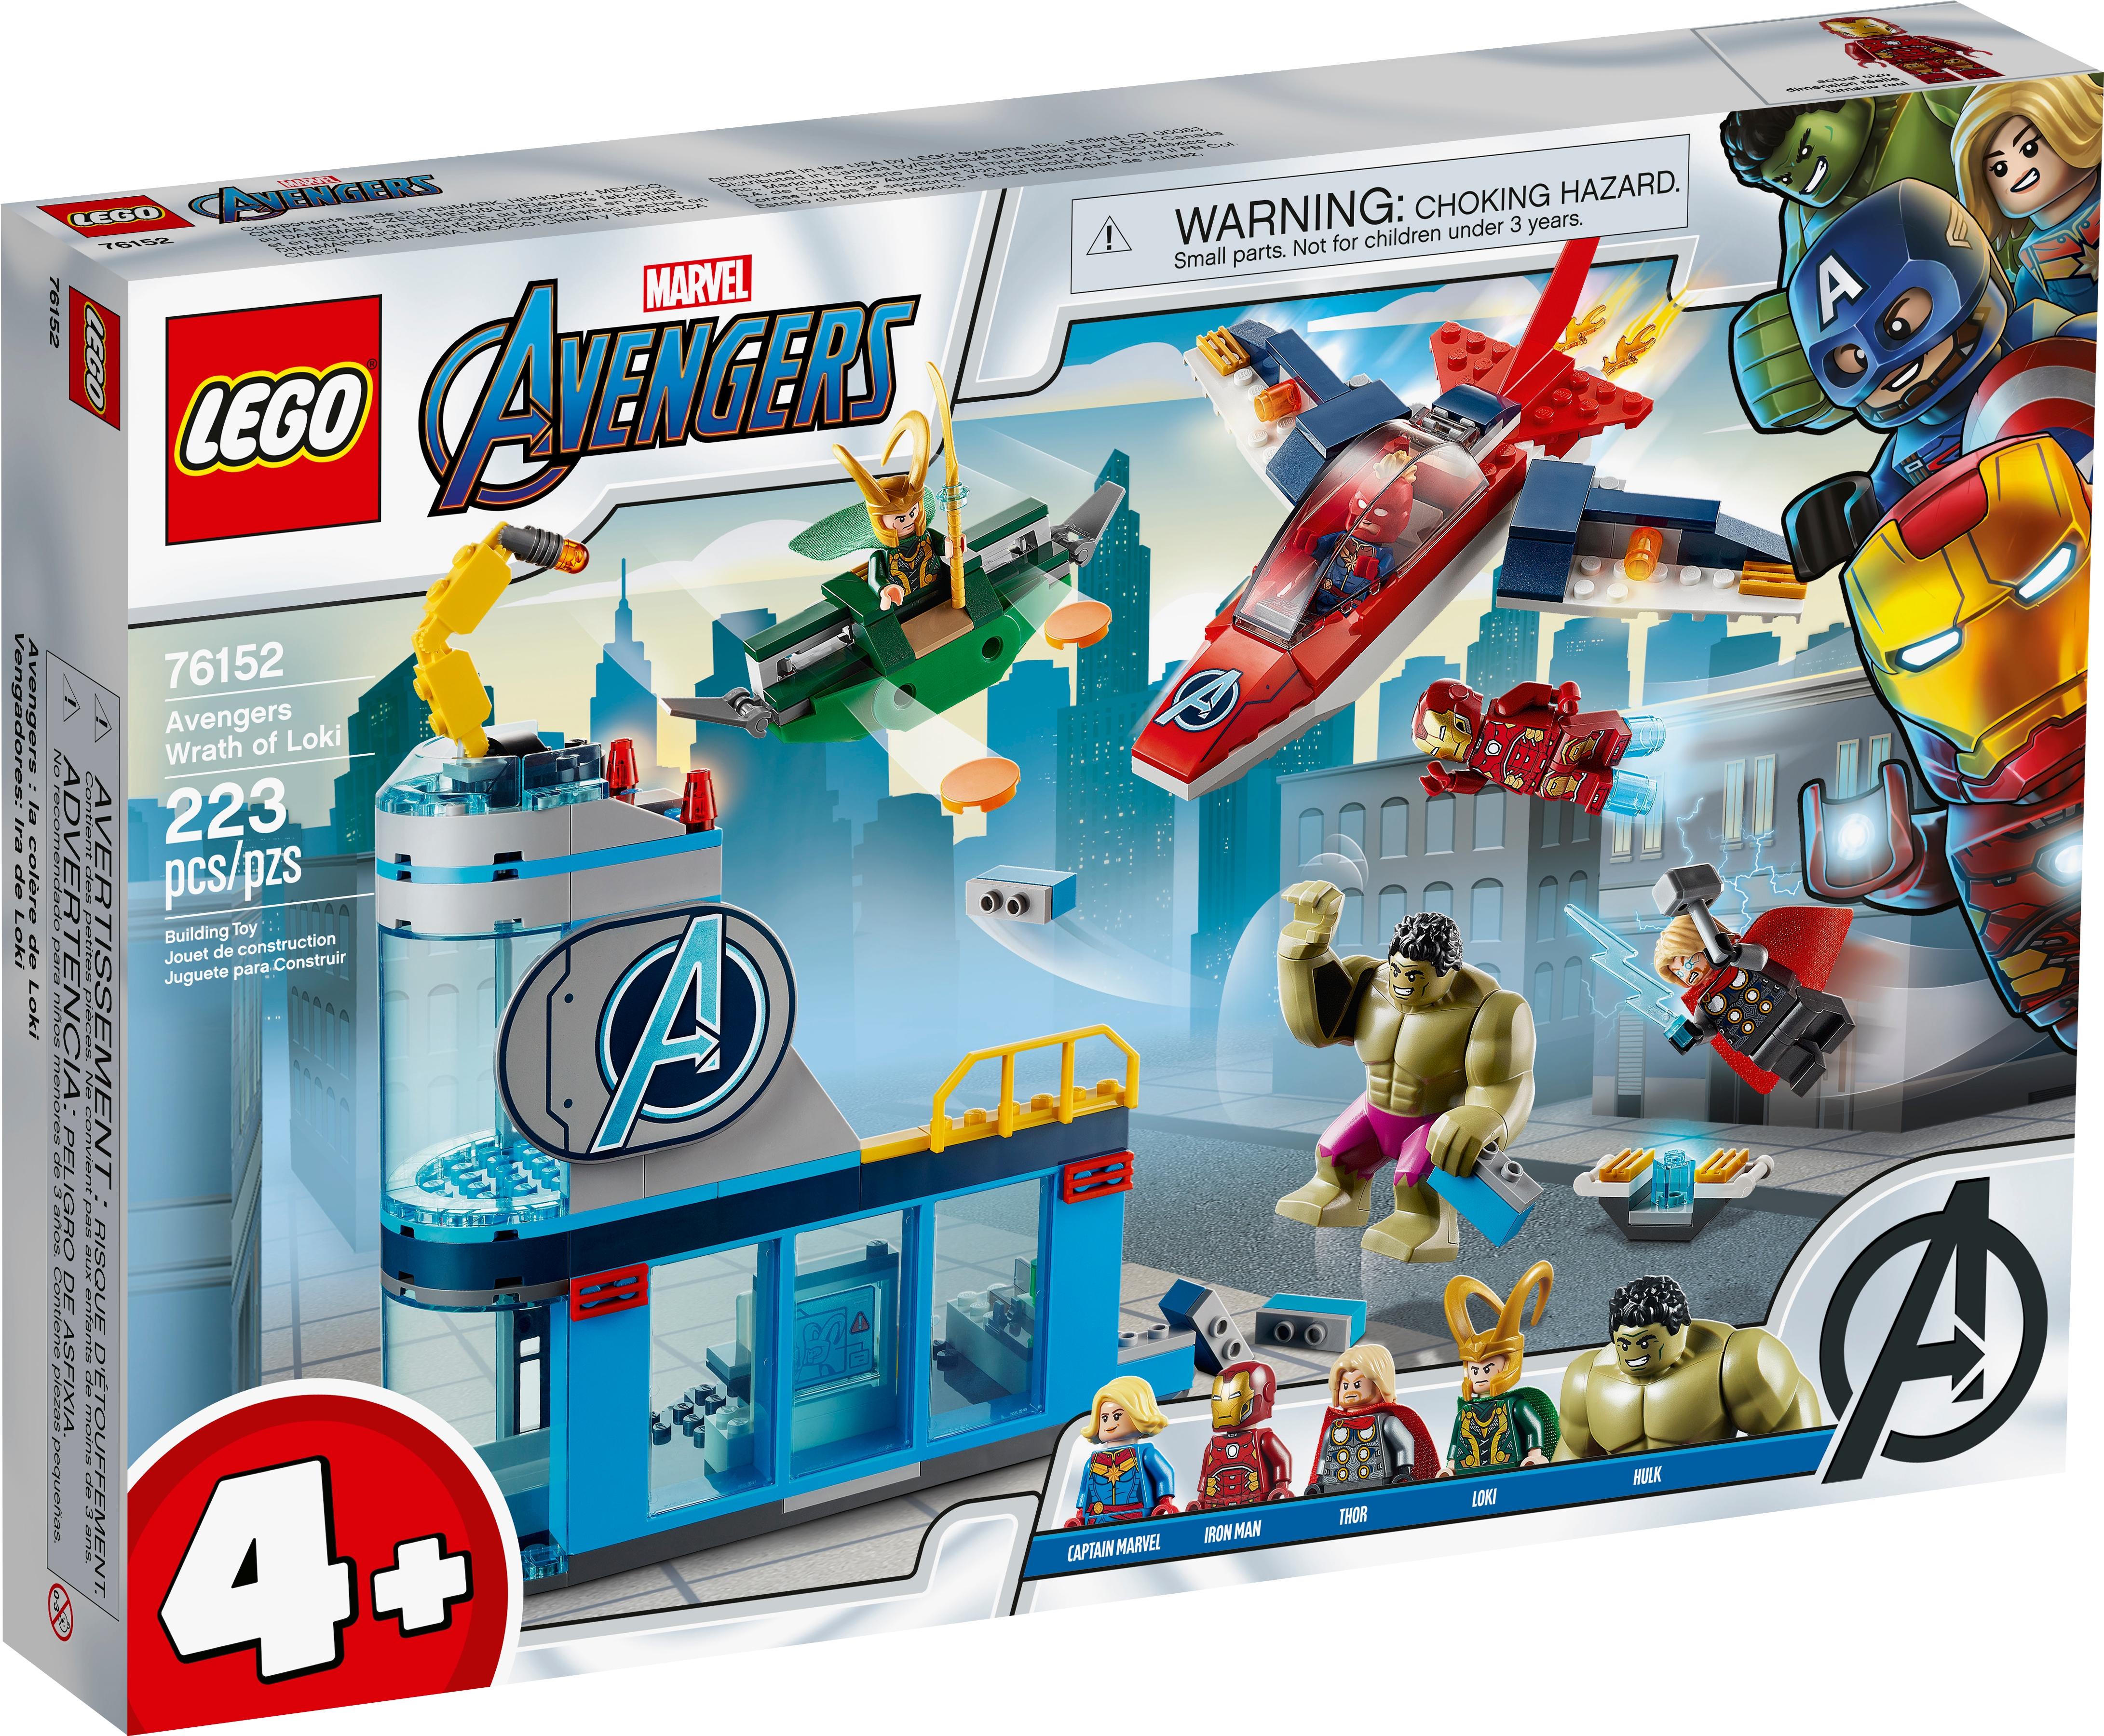 New LEGO Marvel 76152 Avengers Wrath of